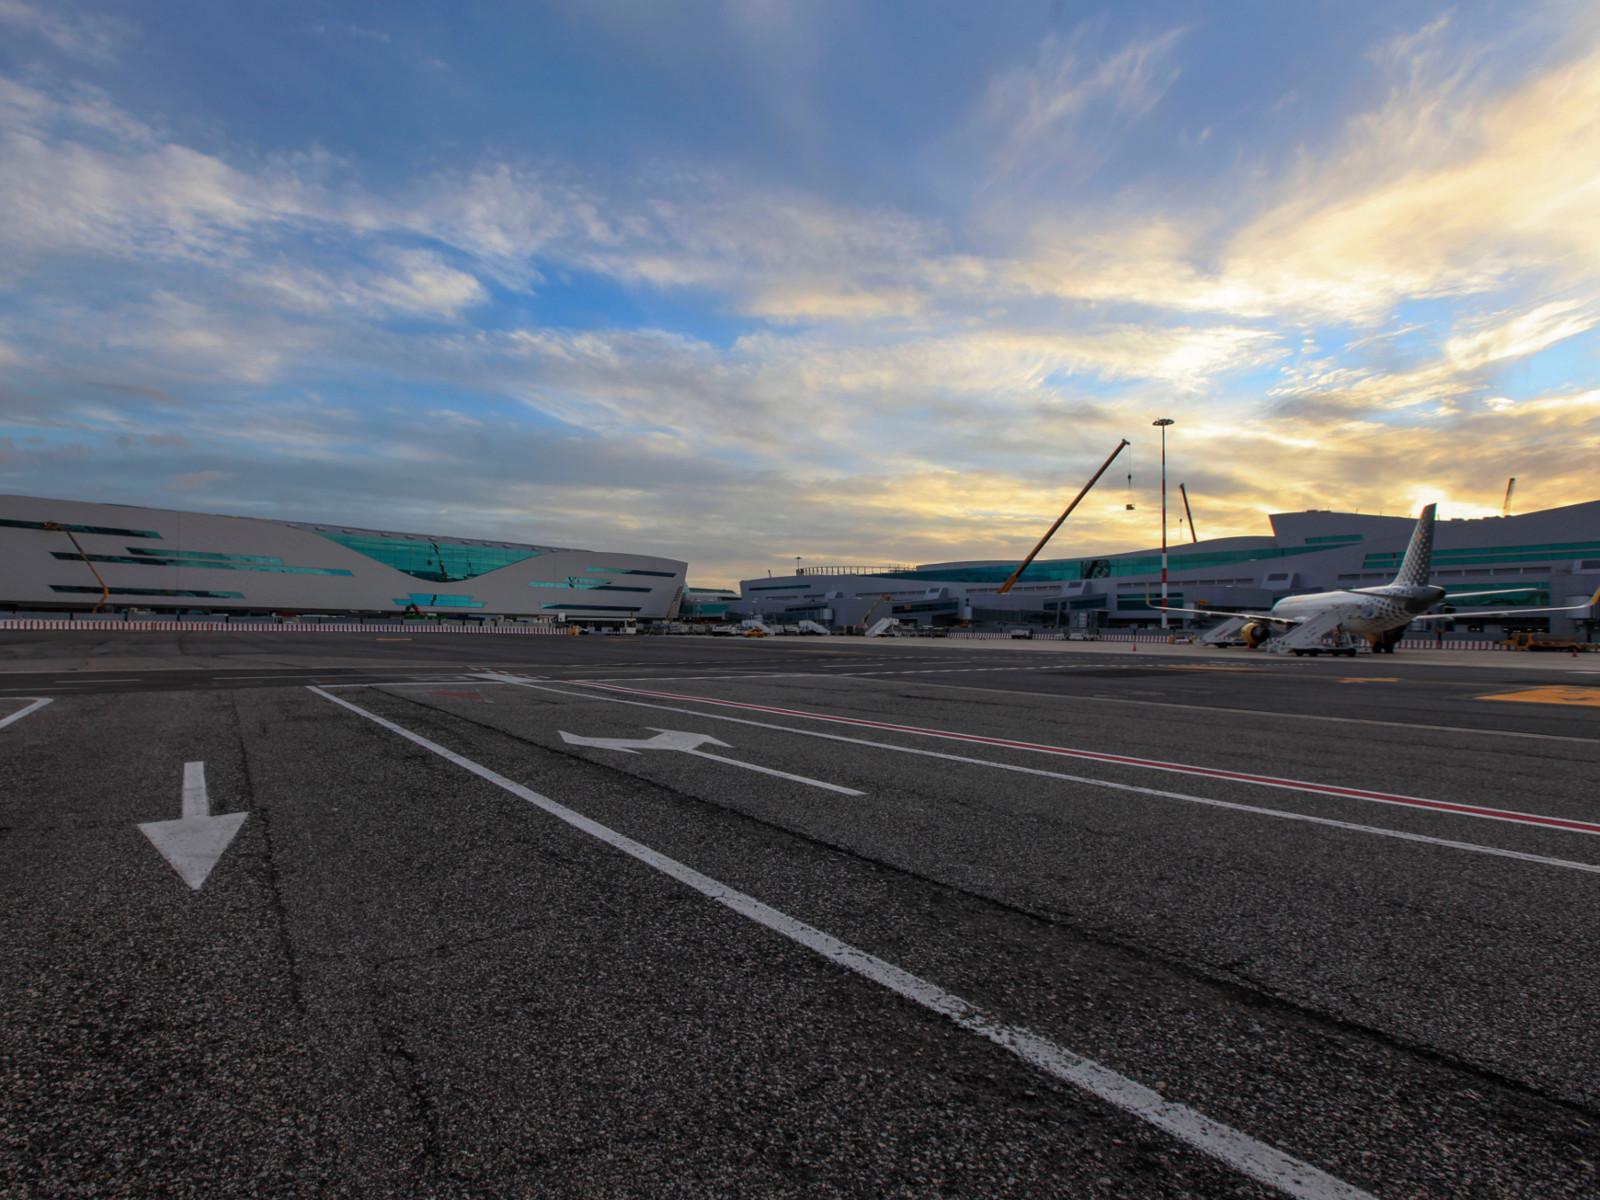 Aeroporto di Fiumicino: